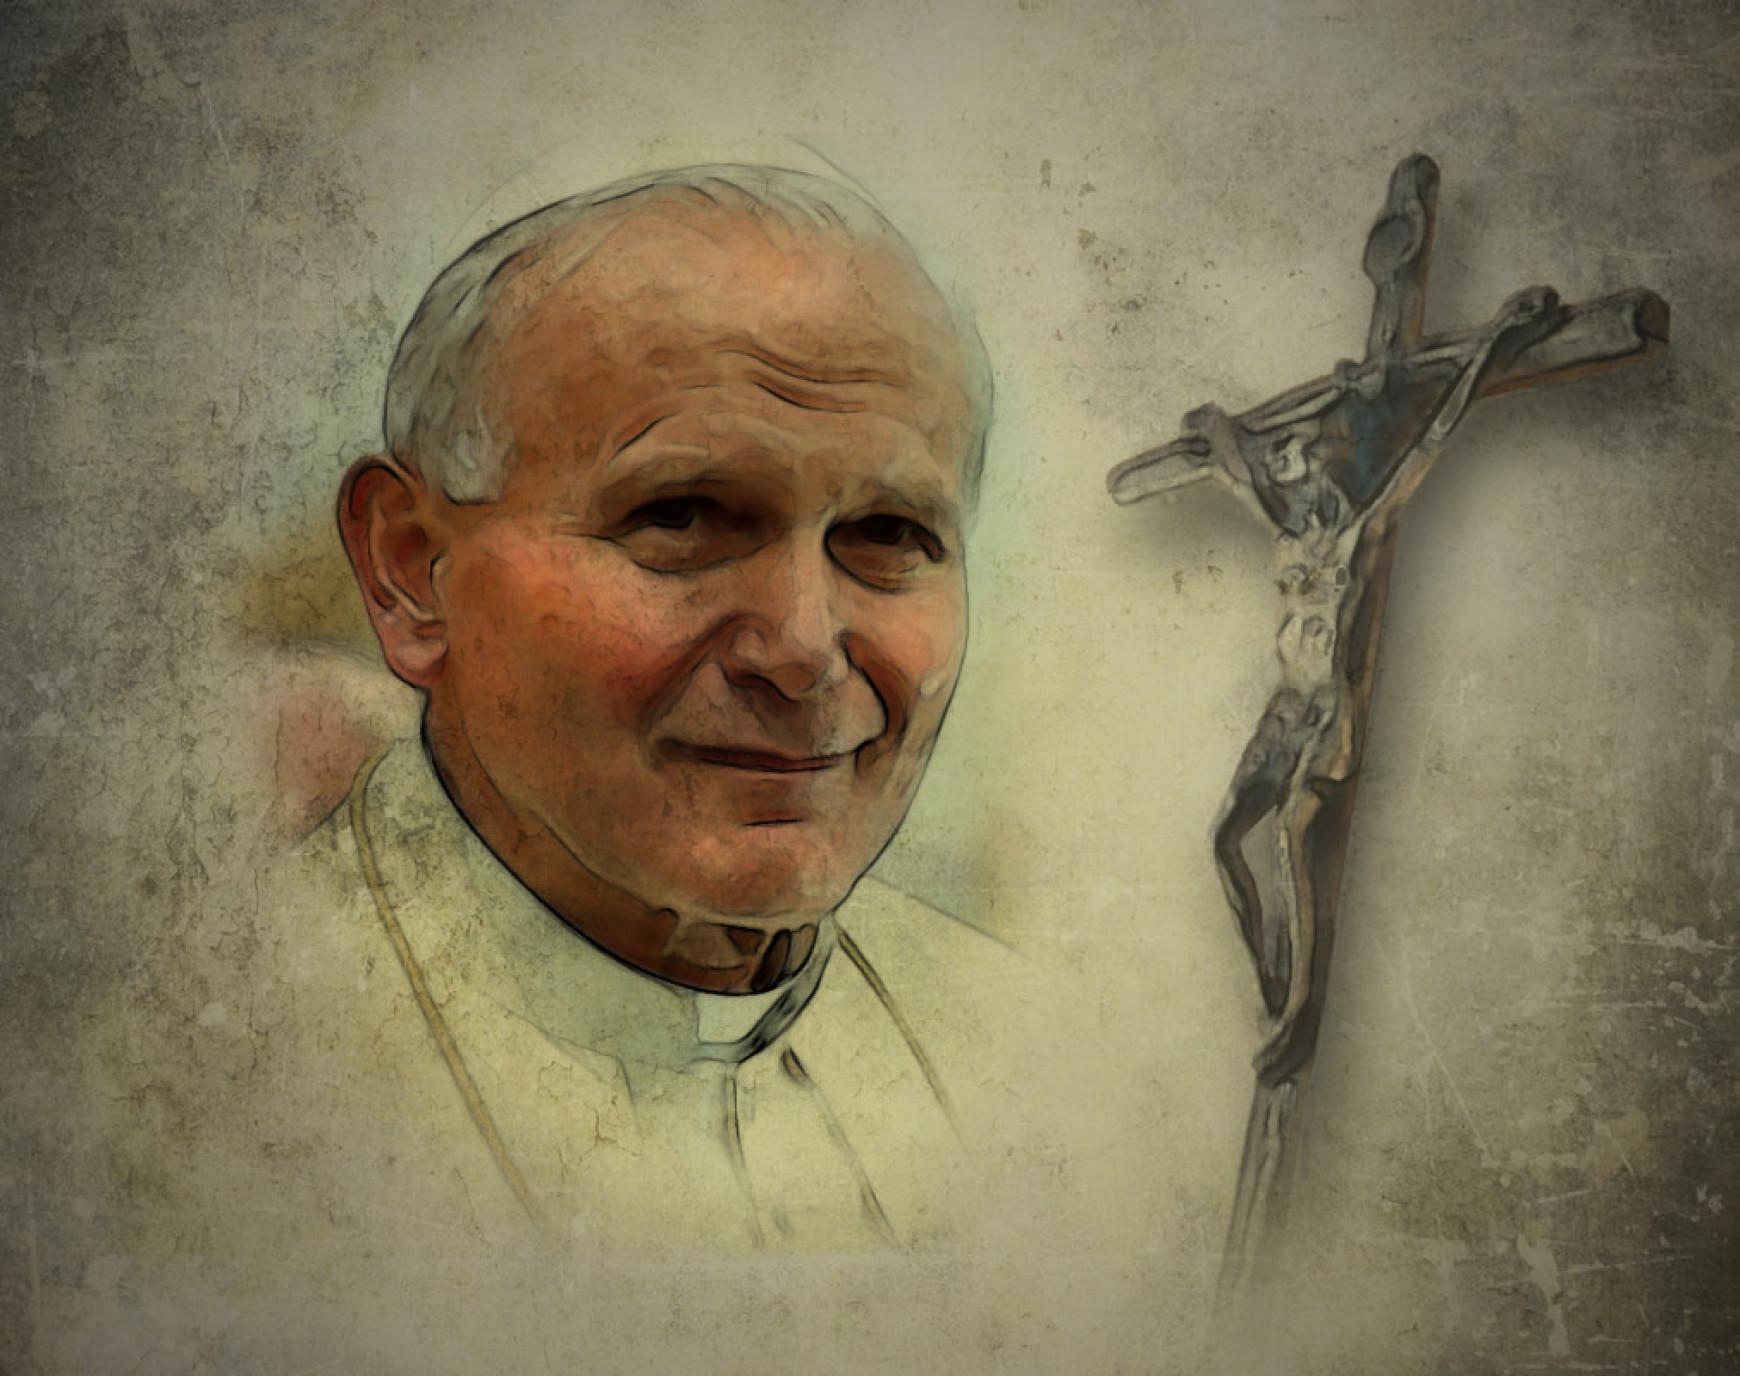 15 stvari koje možemo naučiti od Ivana Pavla II.